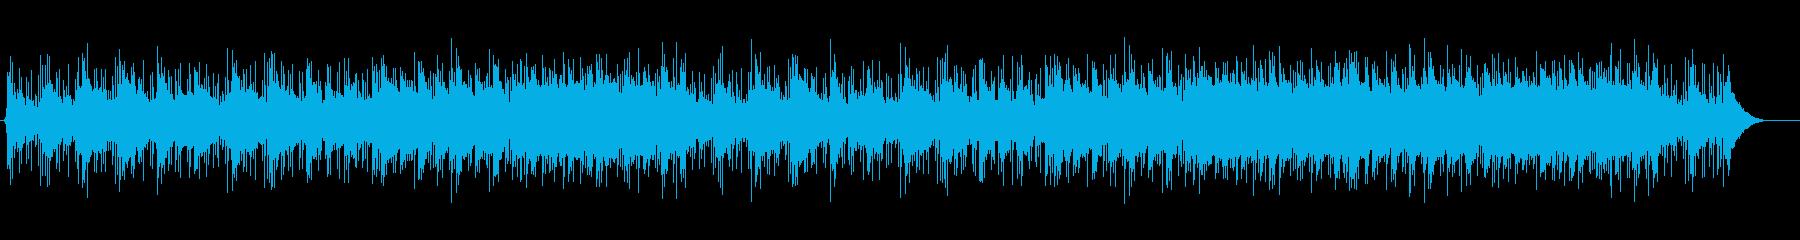 映像作品、店舗BGMに最適なストリングスの再生済みの波形